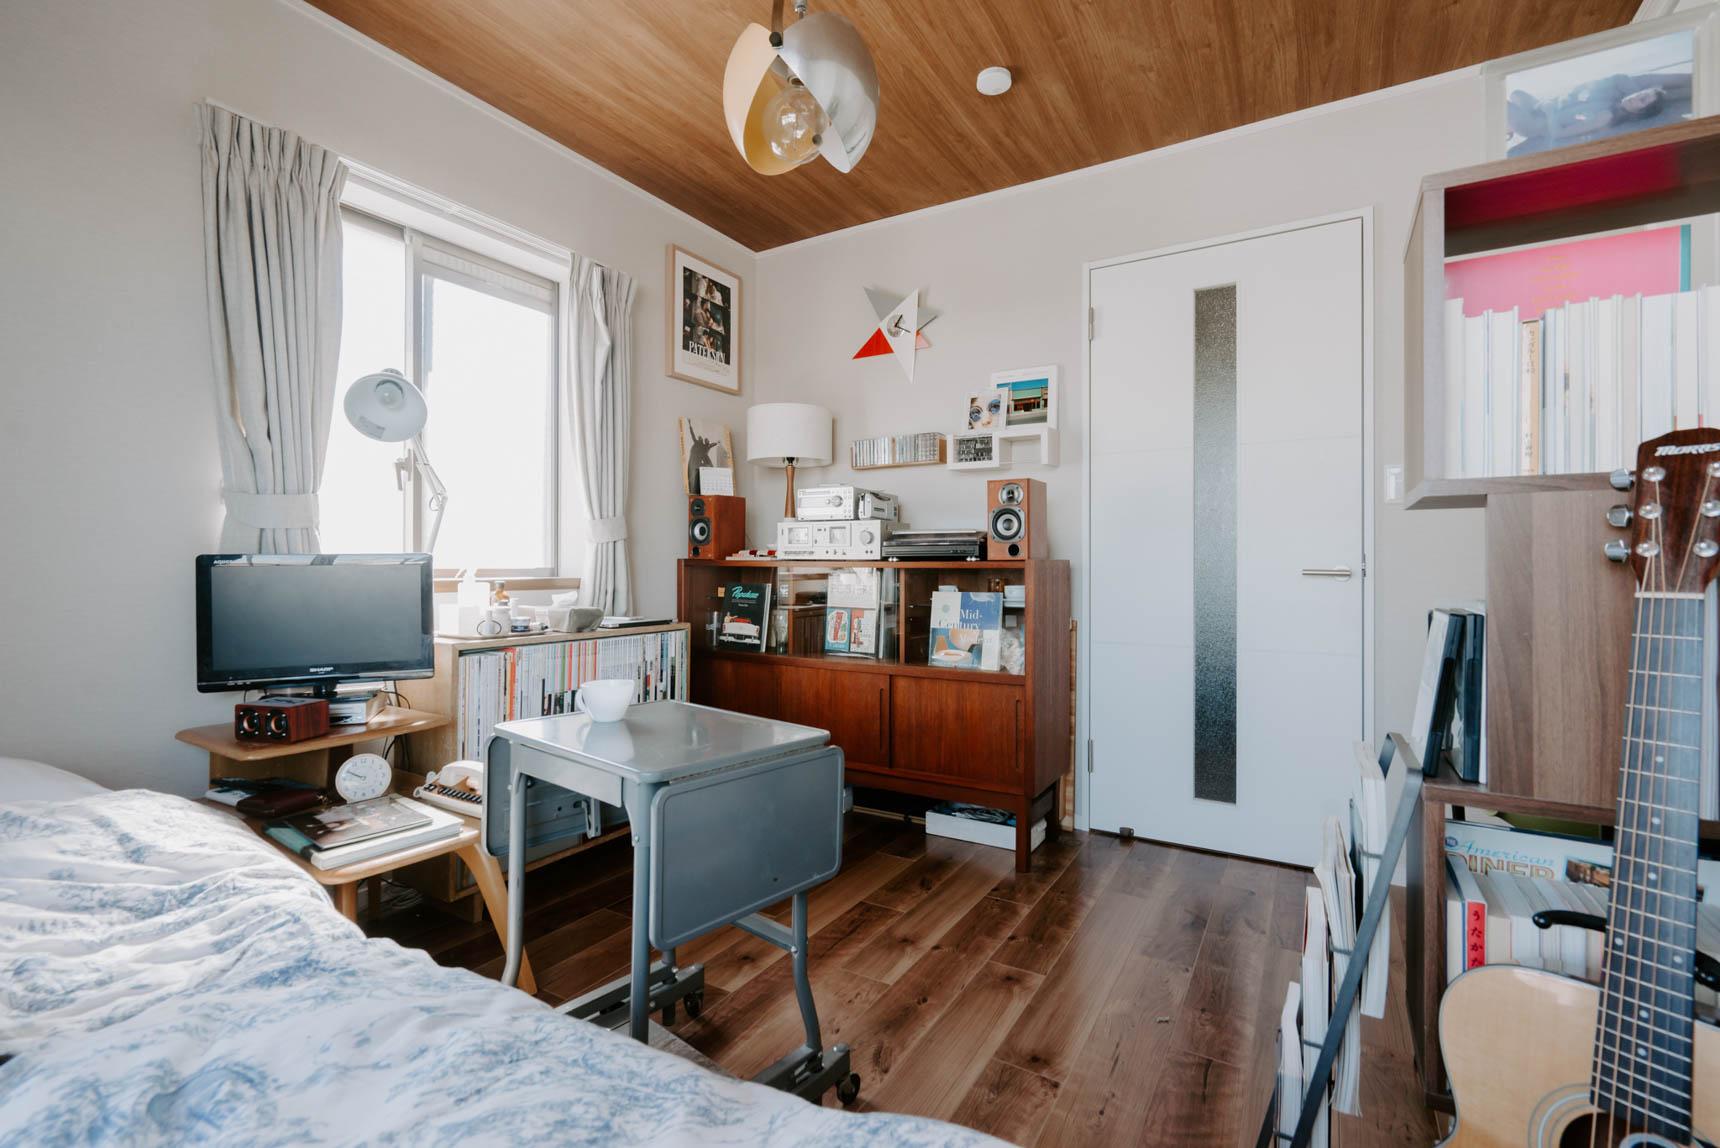 6畳ワンルームにお住まいの方の事例。部屋の中央を空けて、インテリアはすべて壁沿いに設置。